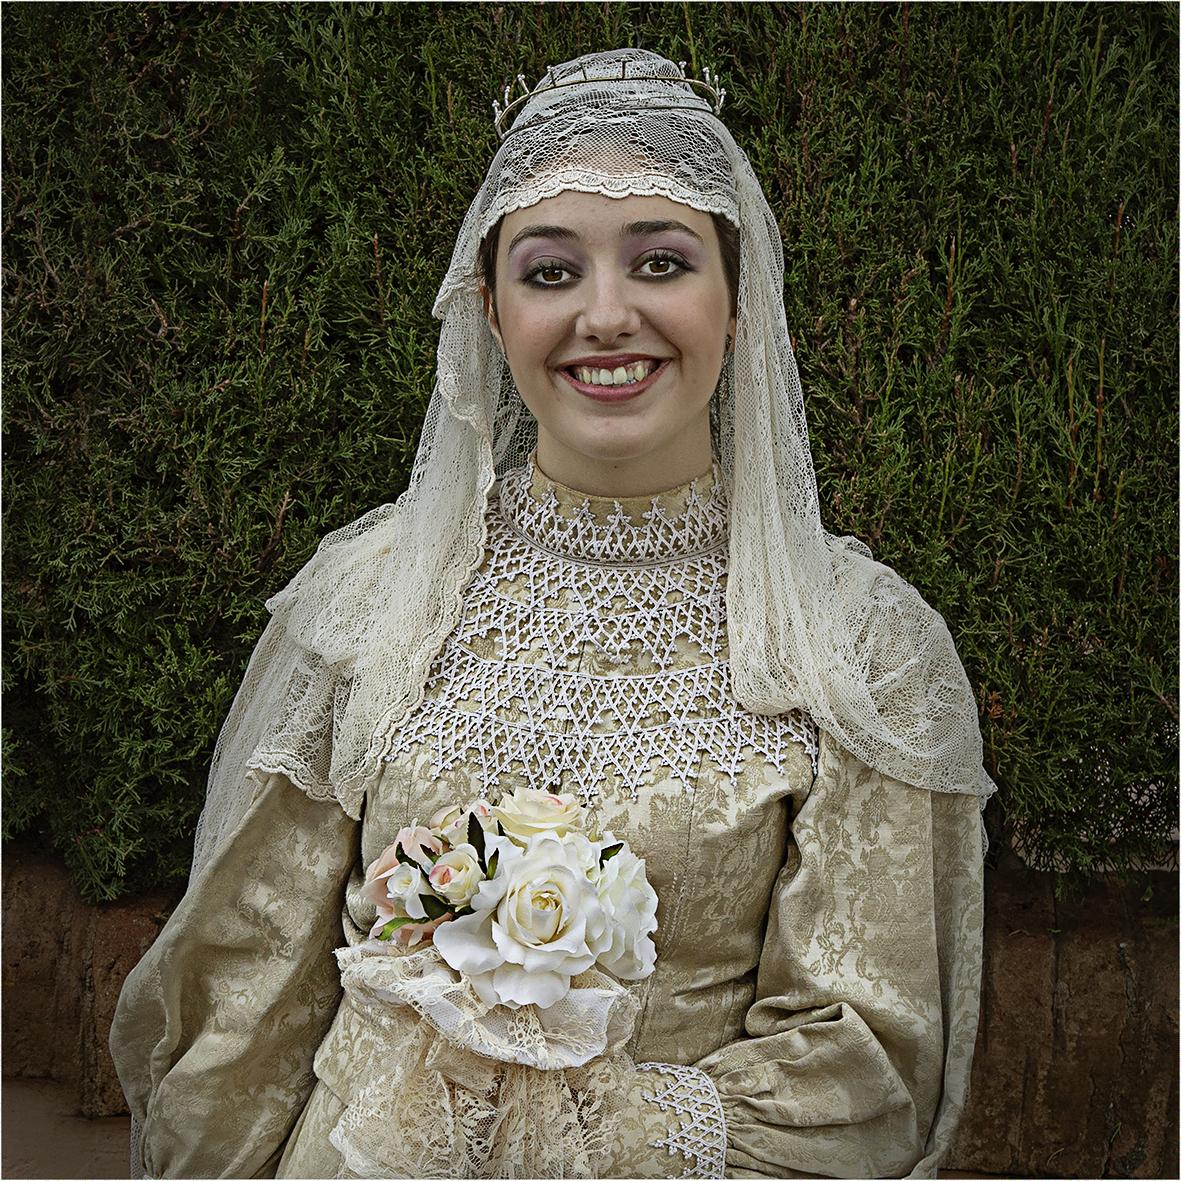 La núvia...és maca, maca